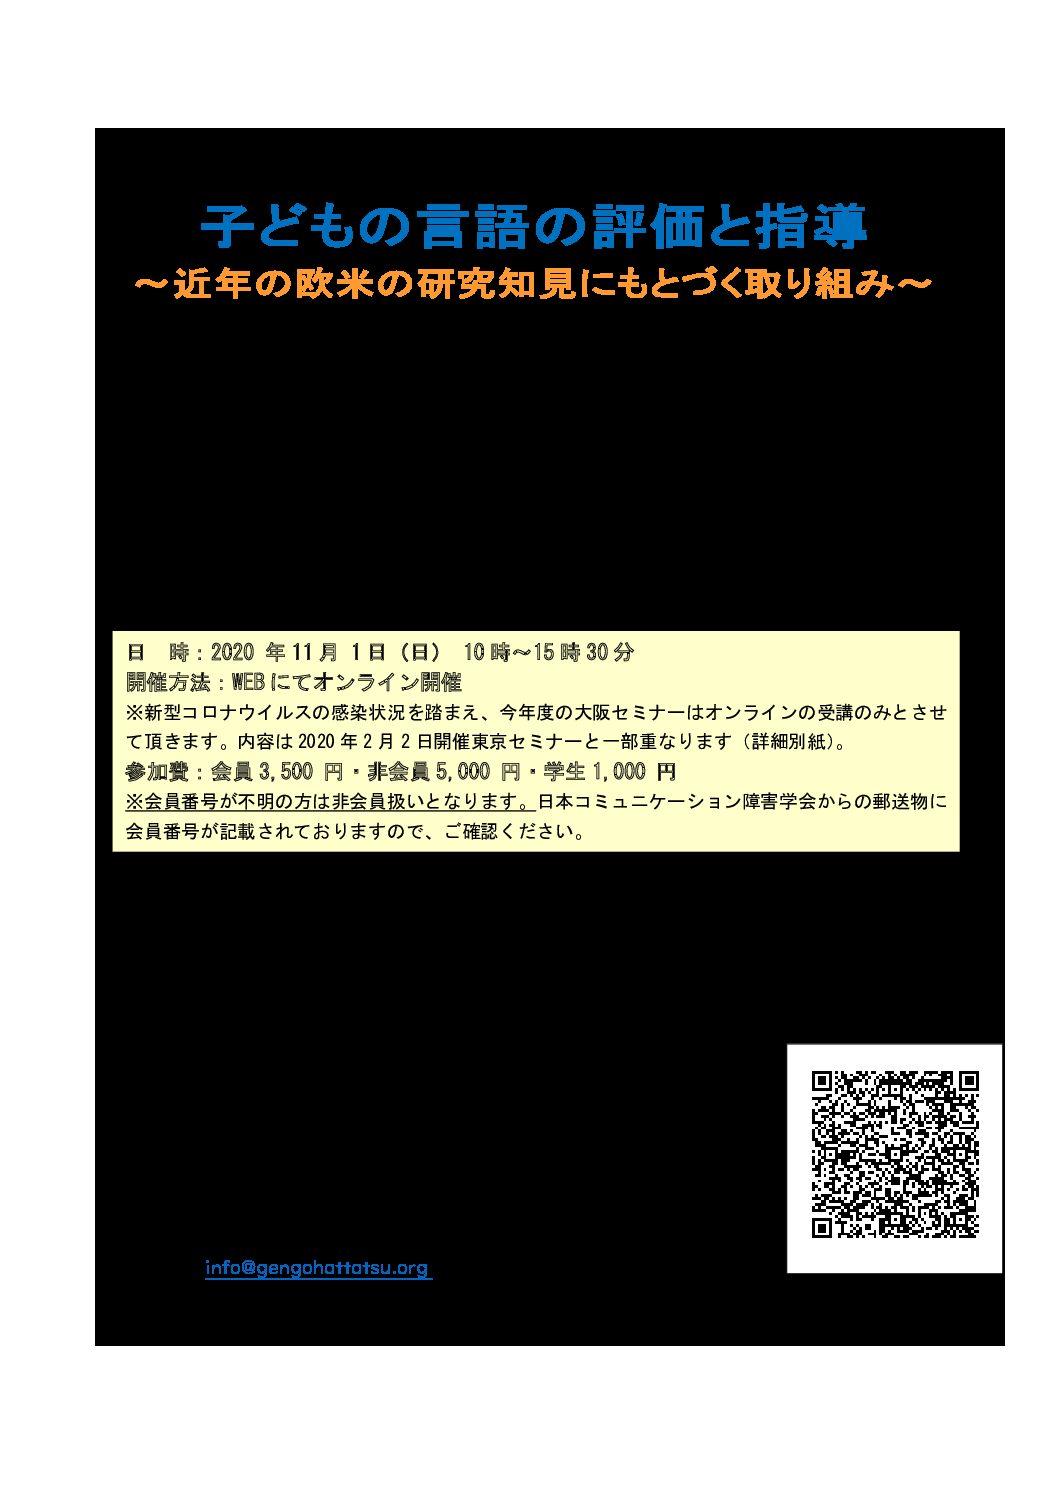 11月1日(日)日本コミュニケーション障害学会・言語発達障害研究分科会 2020 年度 大阪 WEB セミナー   子どもの言語の評価と指導〜近年の欧米の研究知見にもとづく取り組み〜@WEB開催